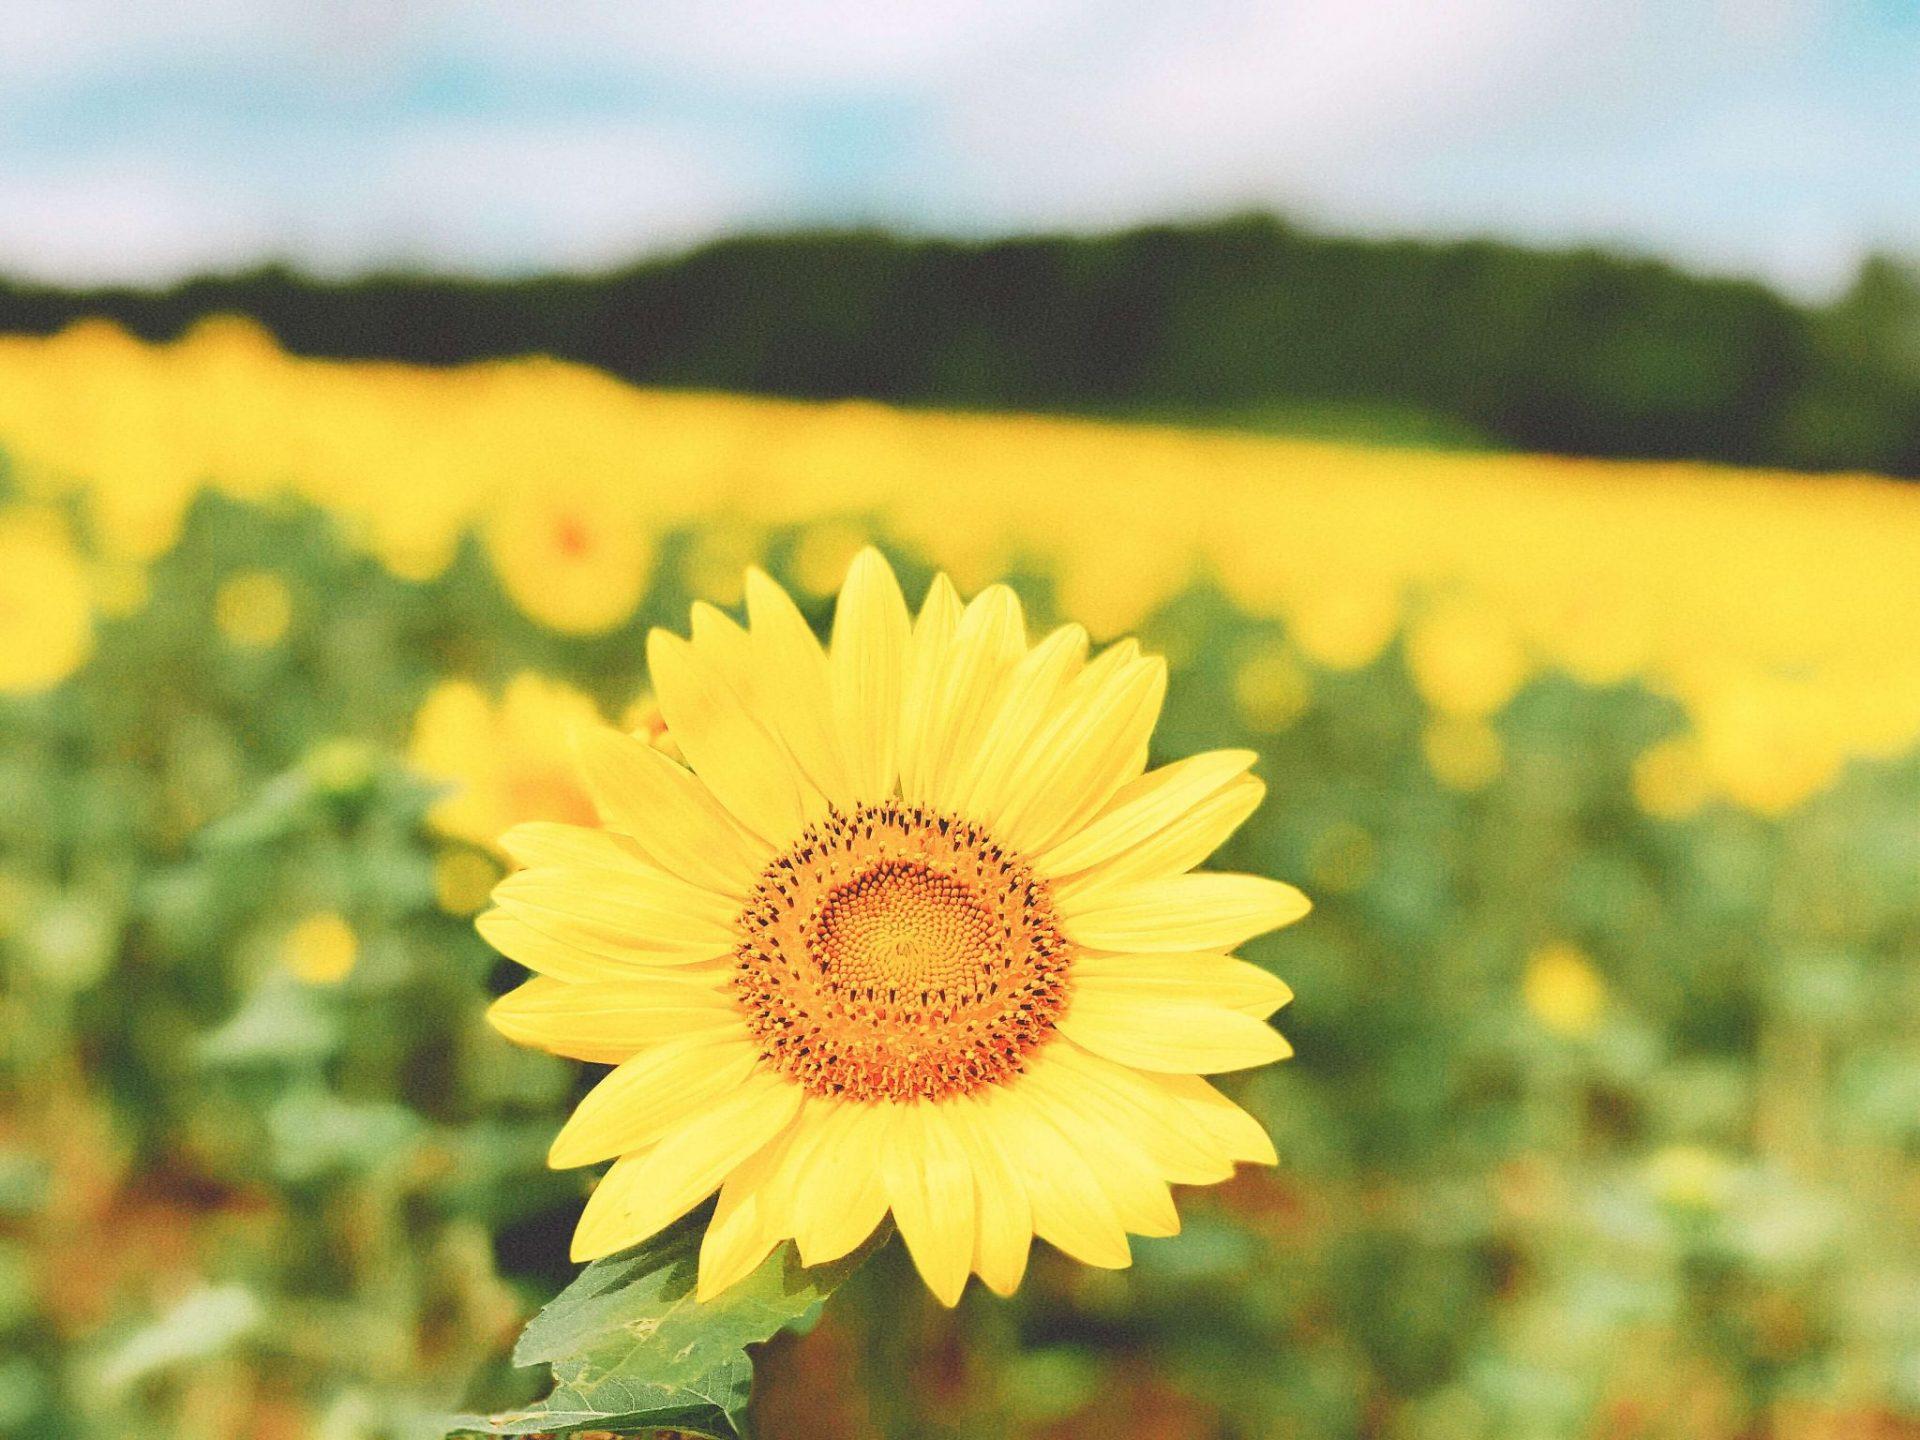 closeup shot of sunflower